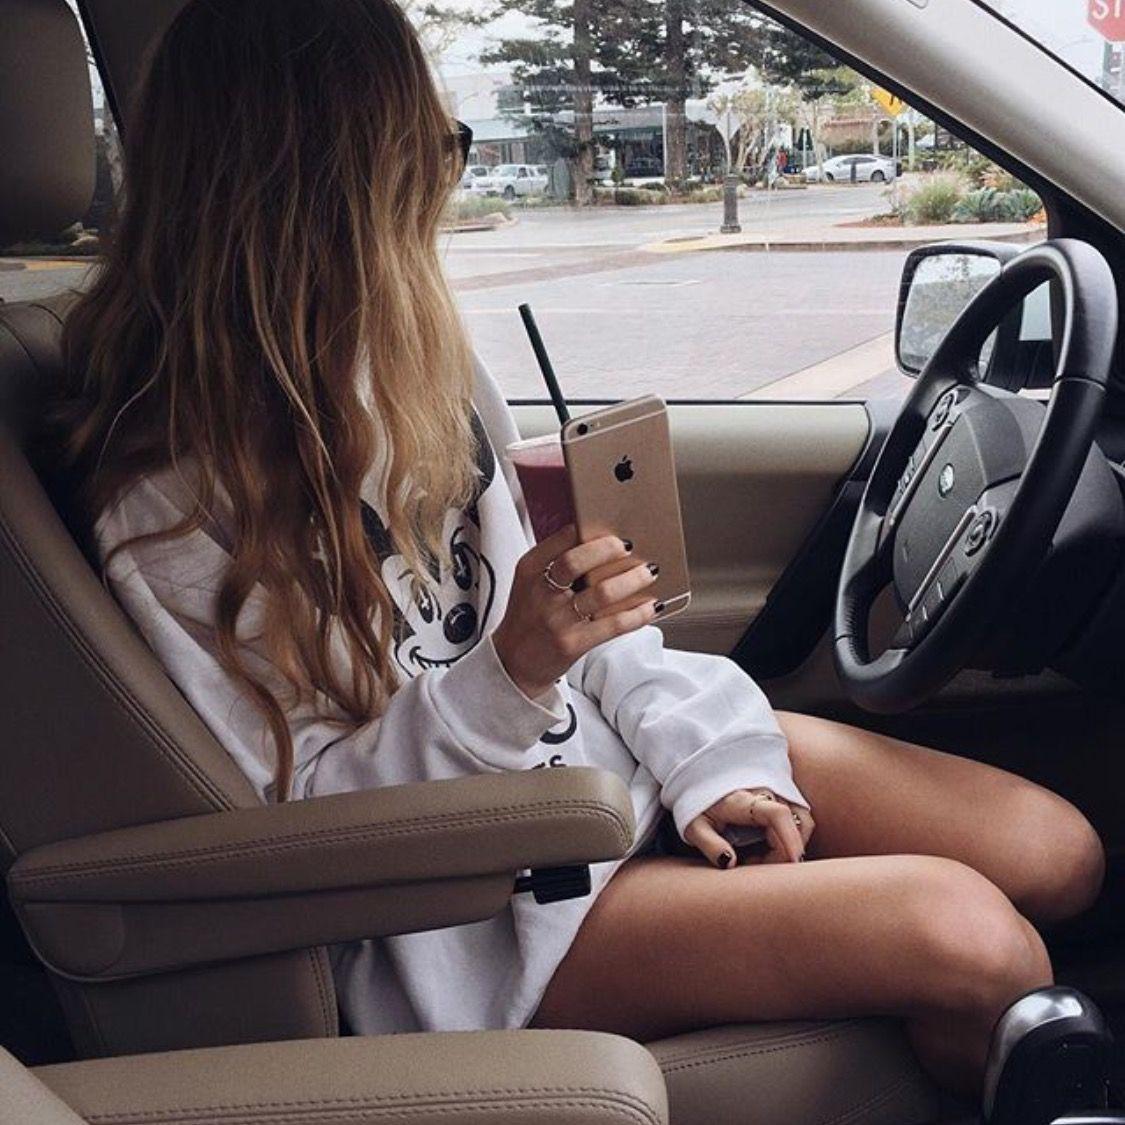 Картинки девушки в машине сидят